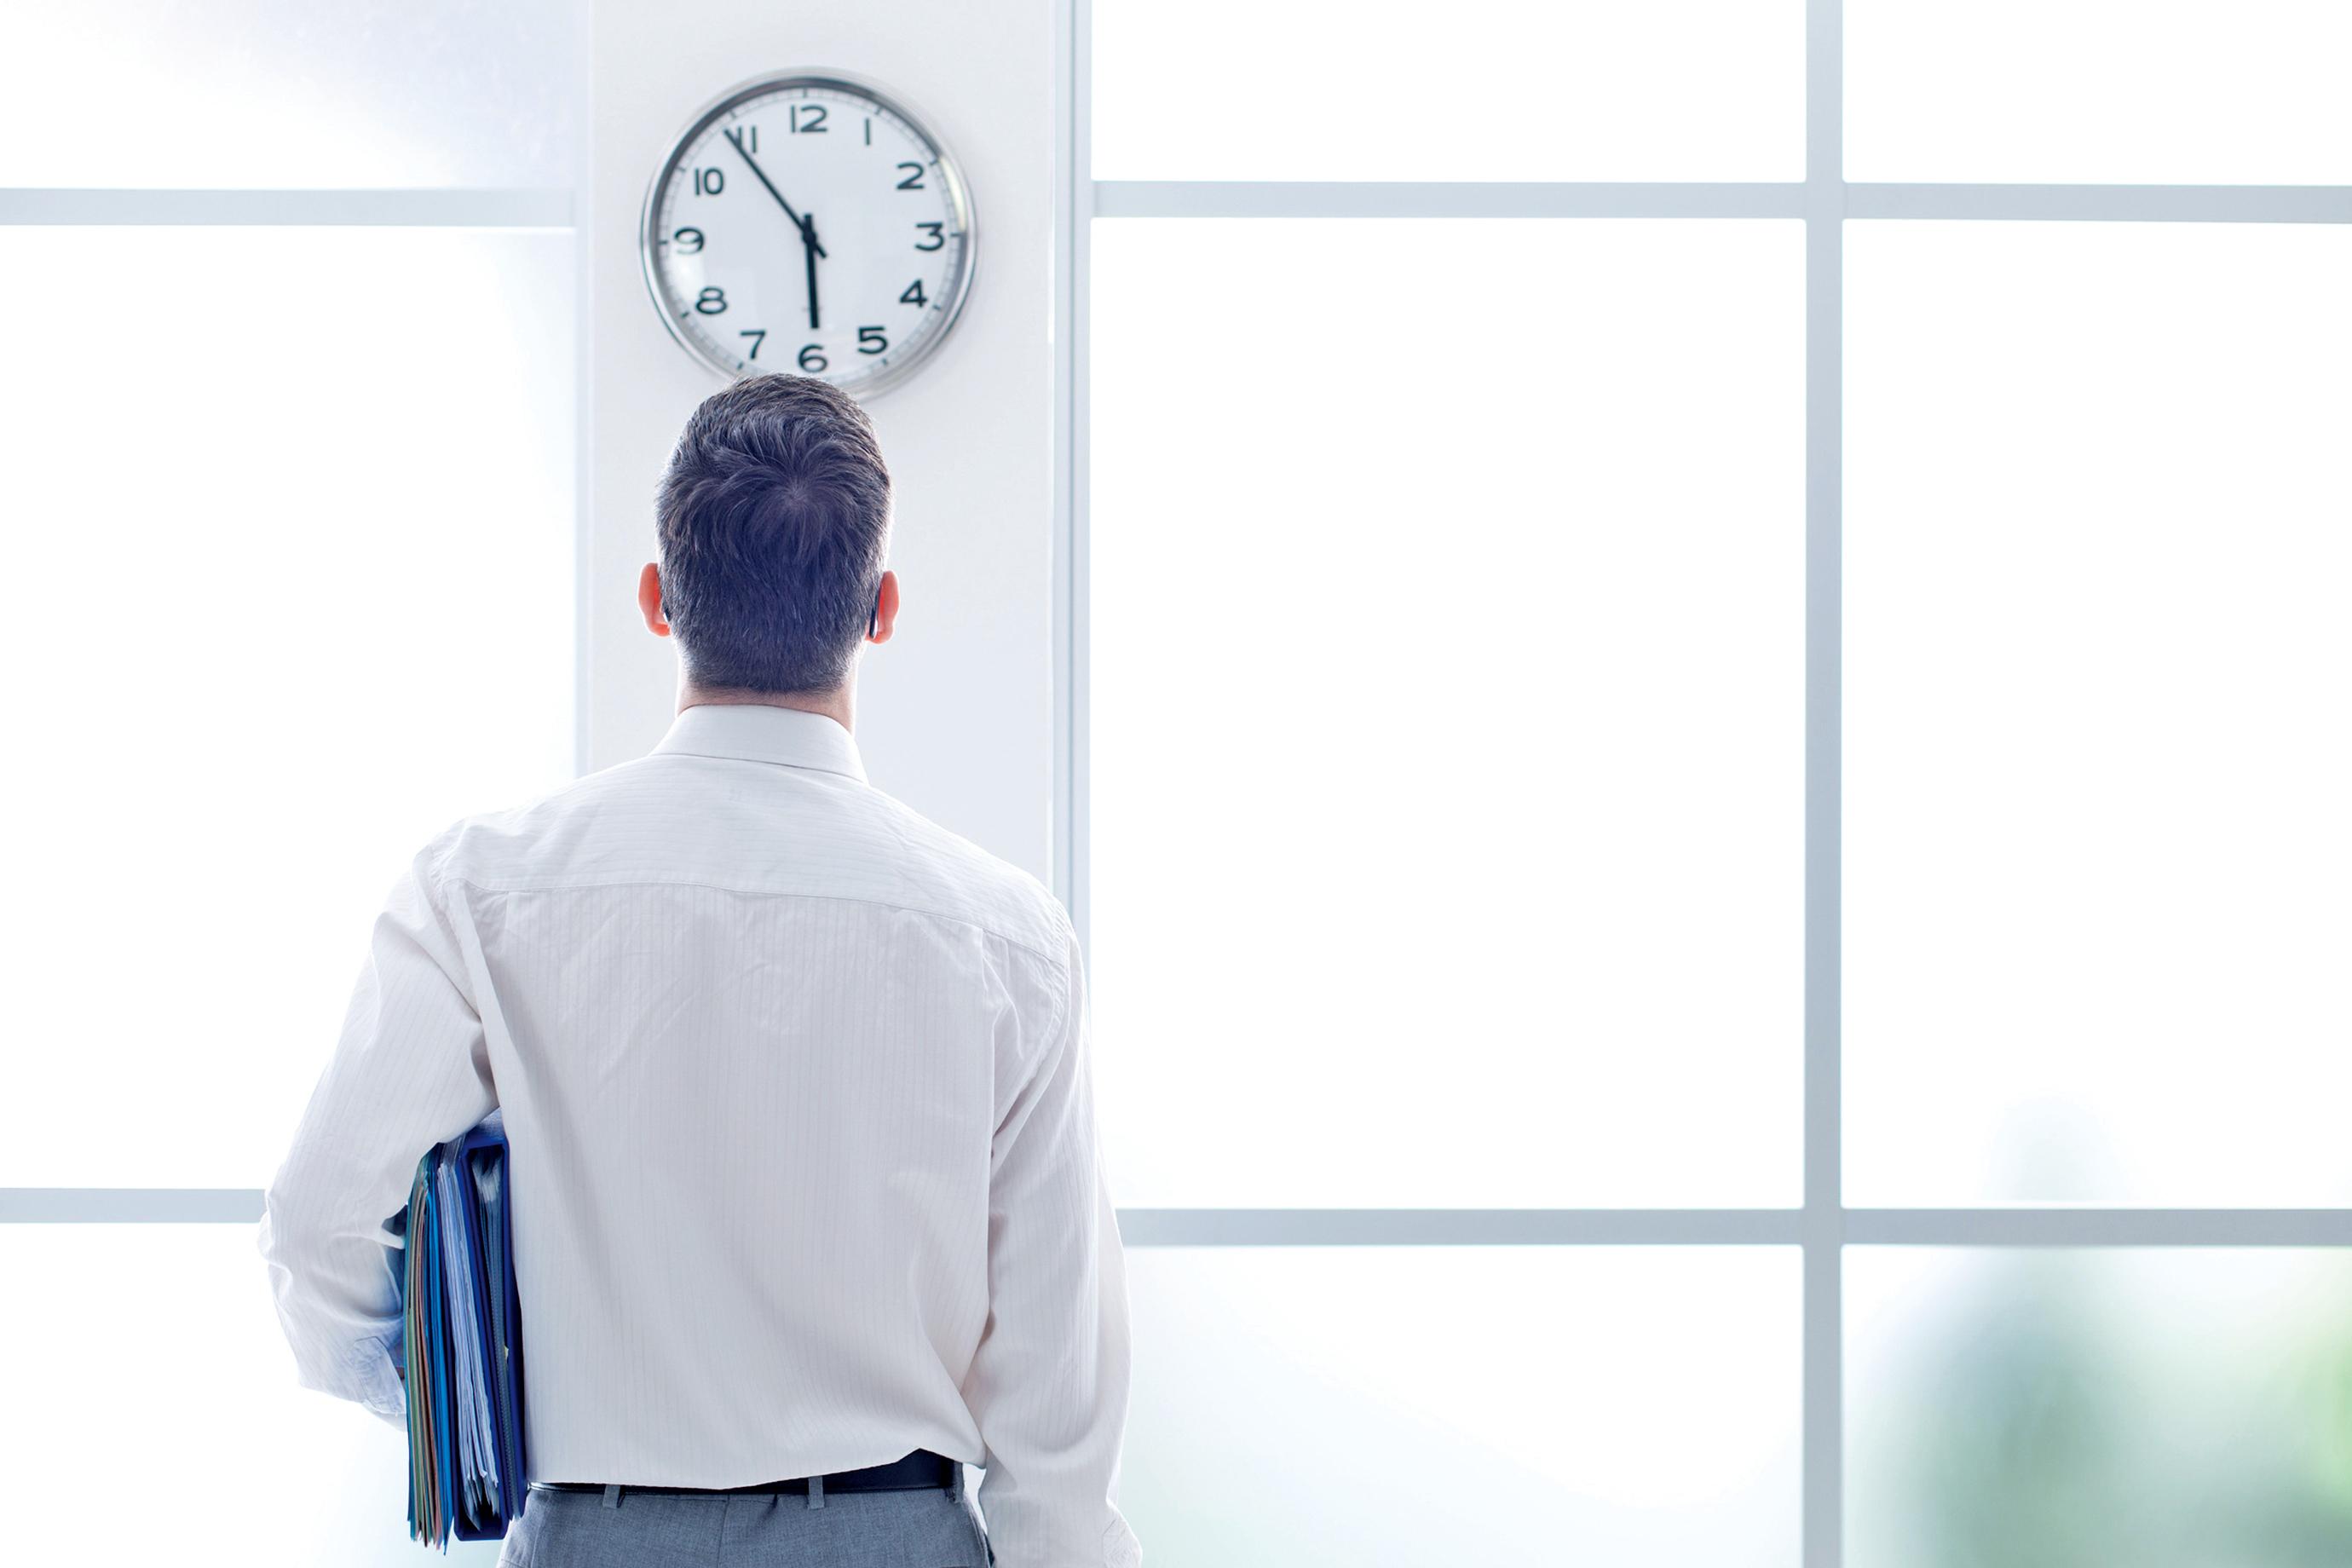 職場上 如何掌握時間